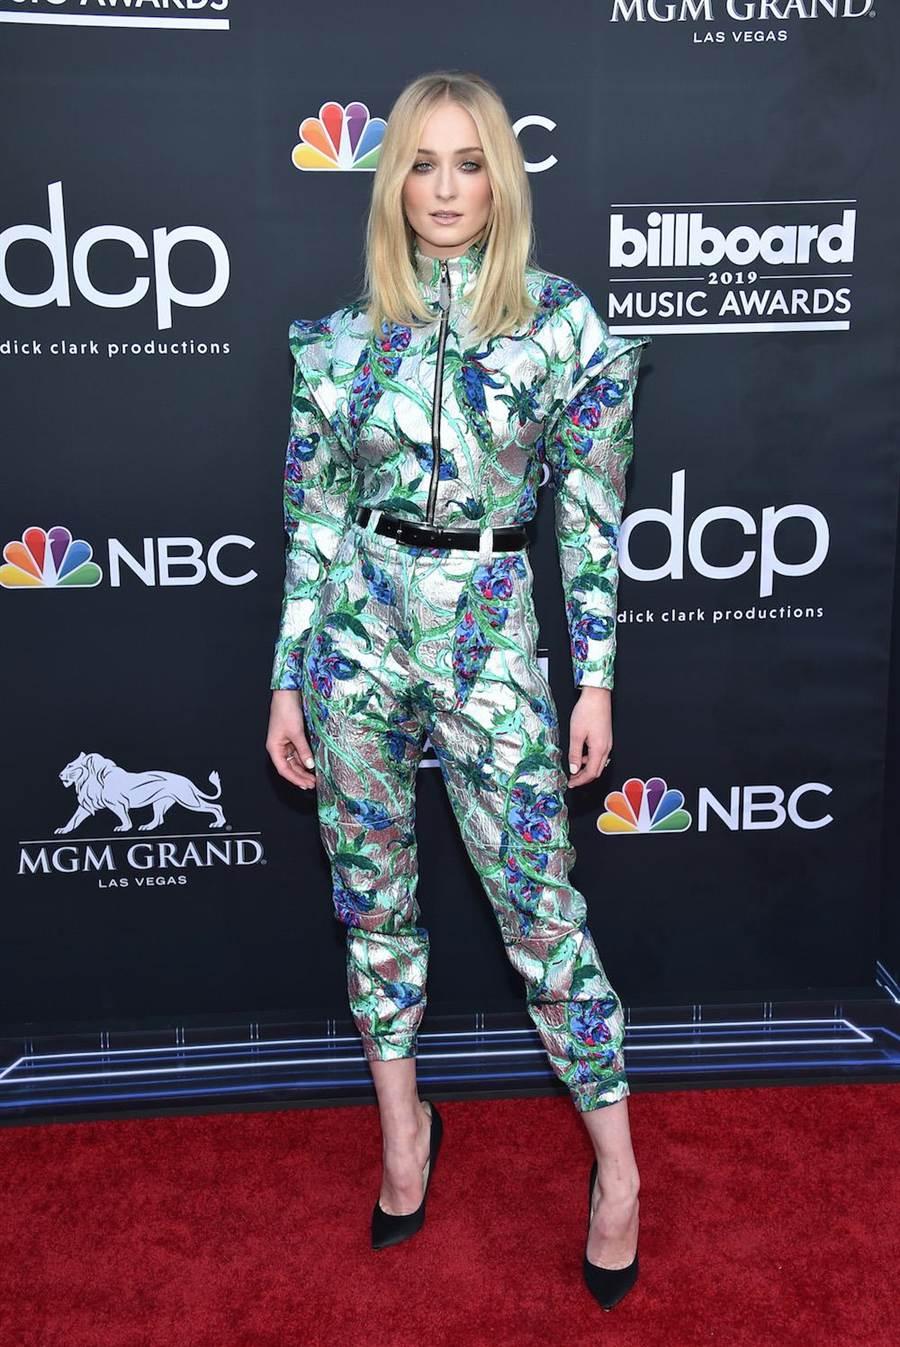 蘇菲特納在拉斯維加斯出席2019 Billboard音樂頒獎典禮時,選穿LV花紋刺繡上衣9萬8500元,花紋刺繡長褲8萬4000元。(LV提供)